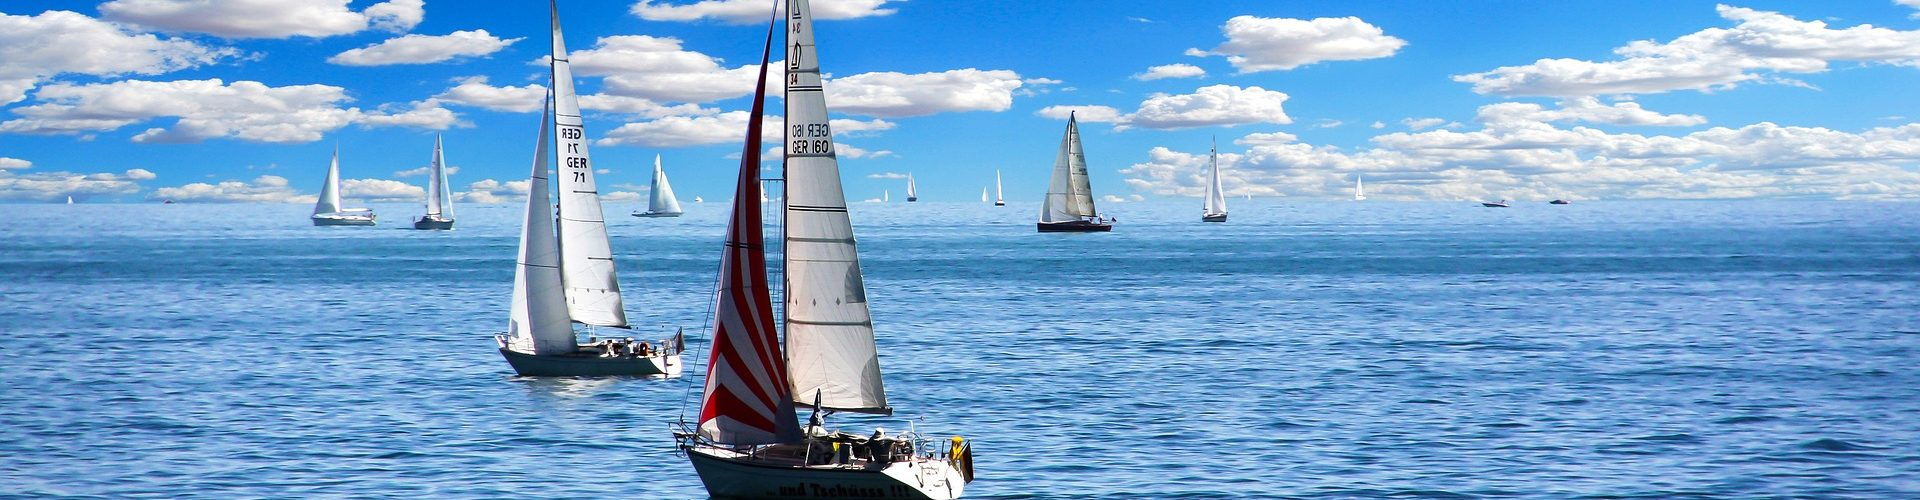 segeln lernen in Hohenfelden segelschein machen in Hohenfelden 1920x500 - Segeln lernen in Hohenfelden